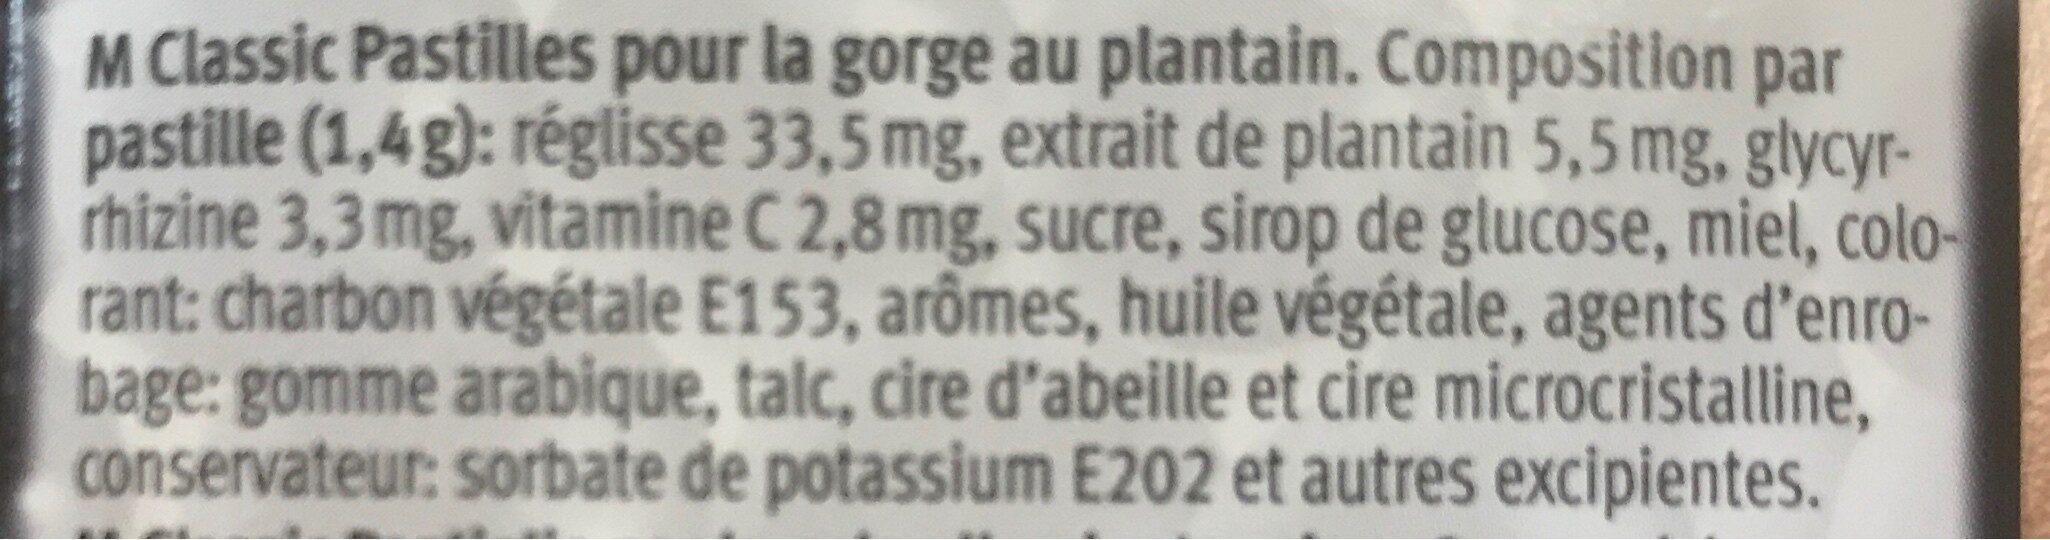 Pastilles pour la gorge au plantain - Ingrédients